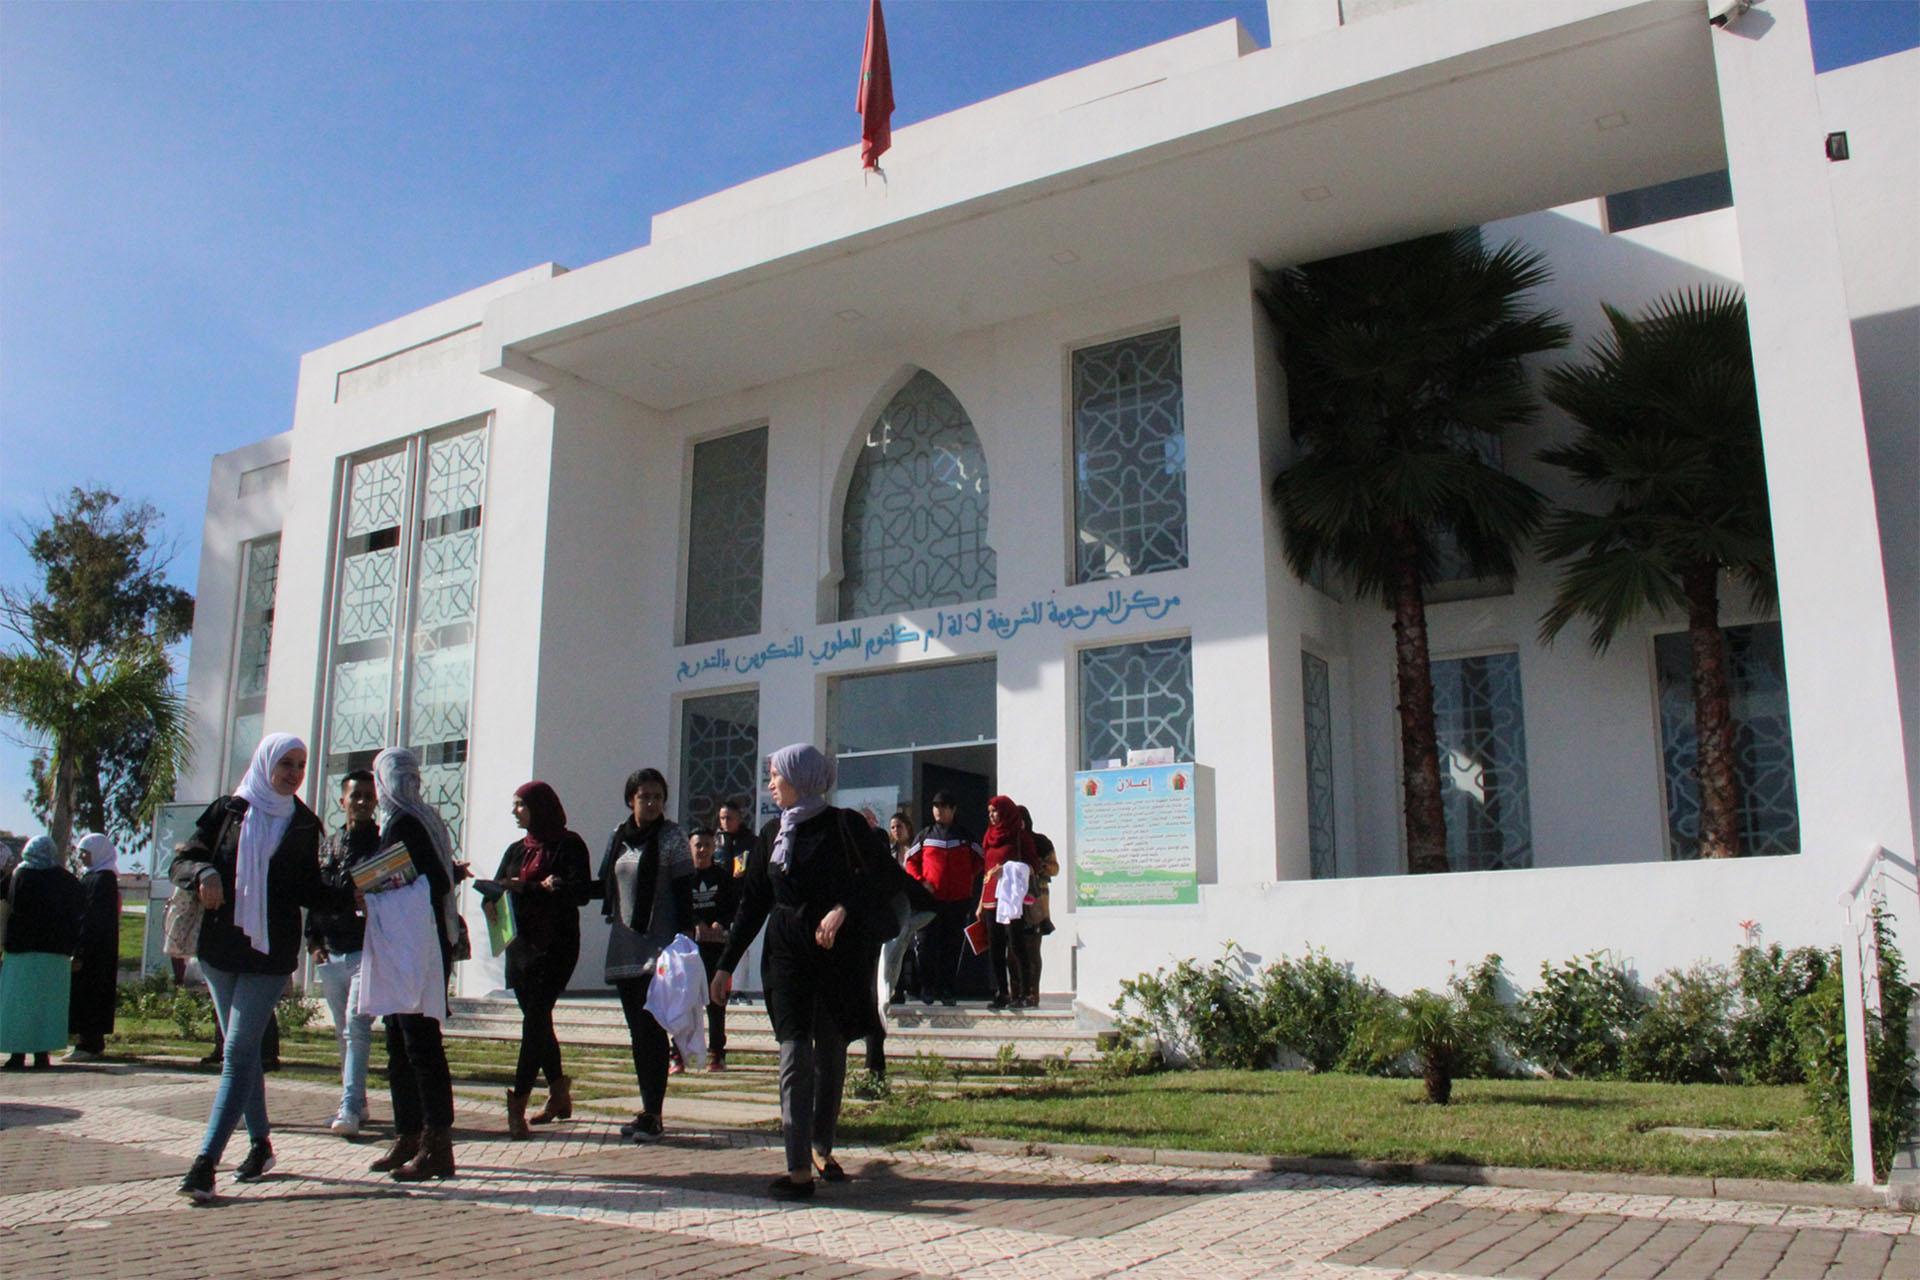 Centre Charifa Lalla Oum Kaltoum de formation par apprentissage, une plateforme de formation adaptée aux besoins des jeunes